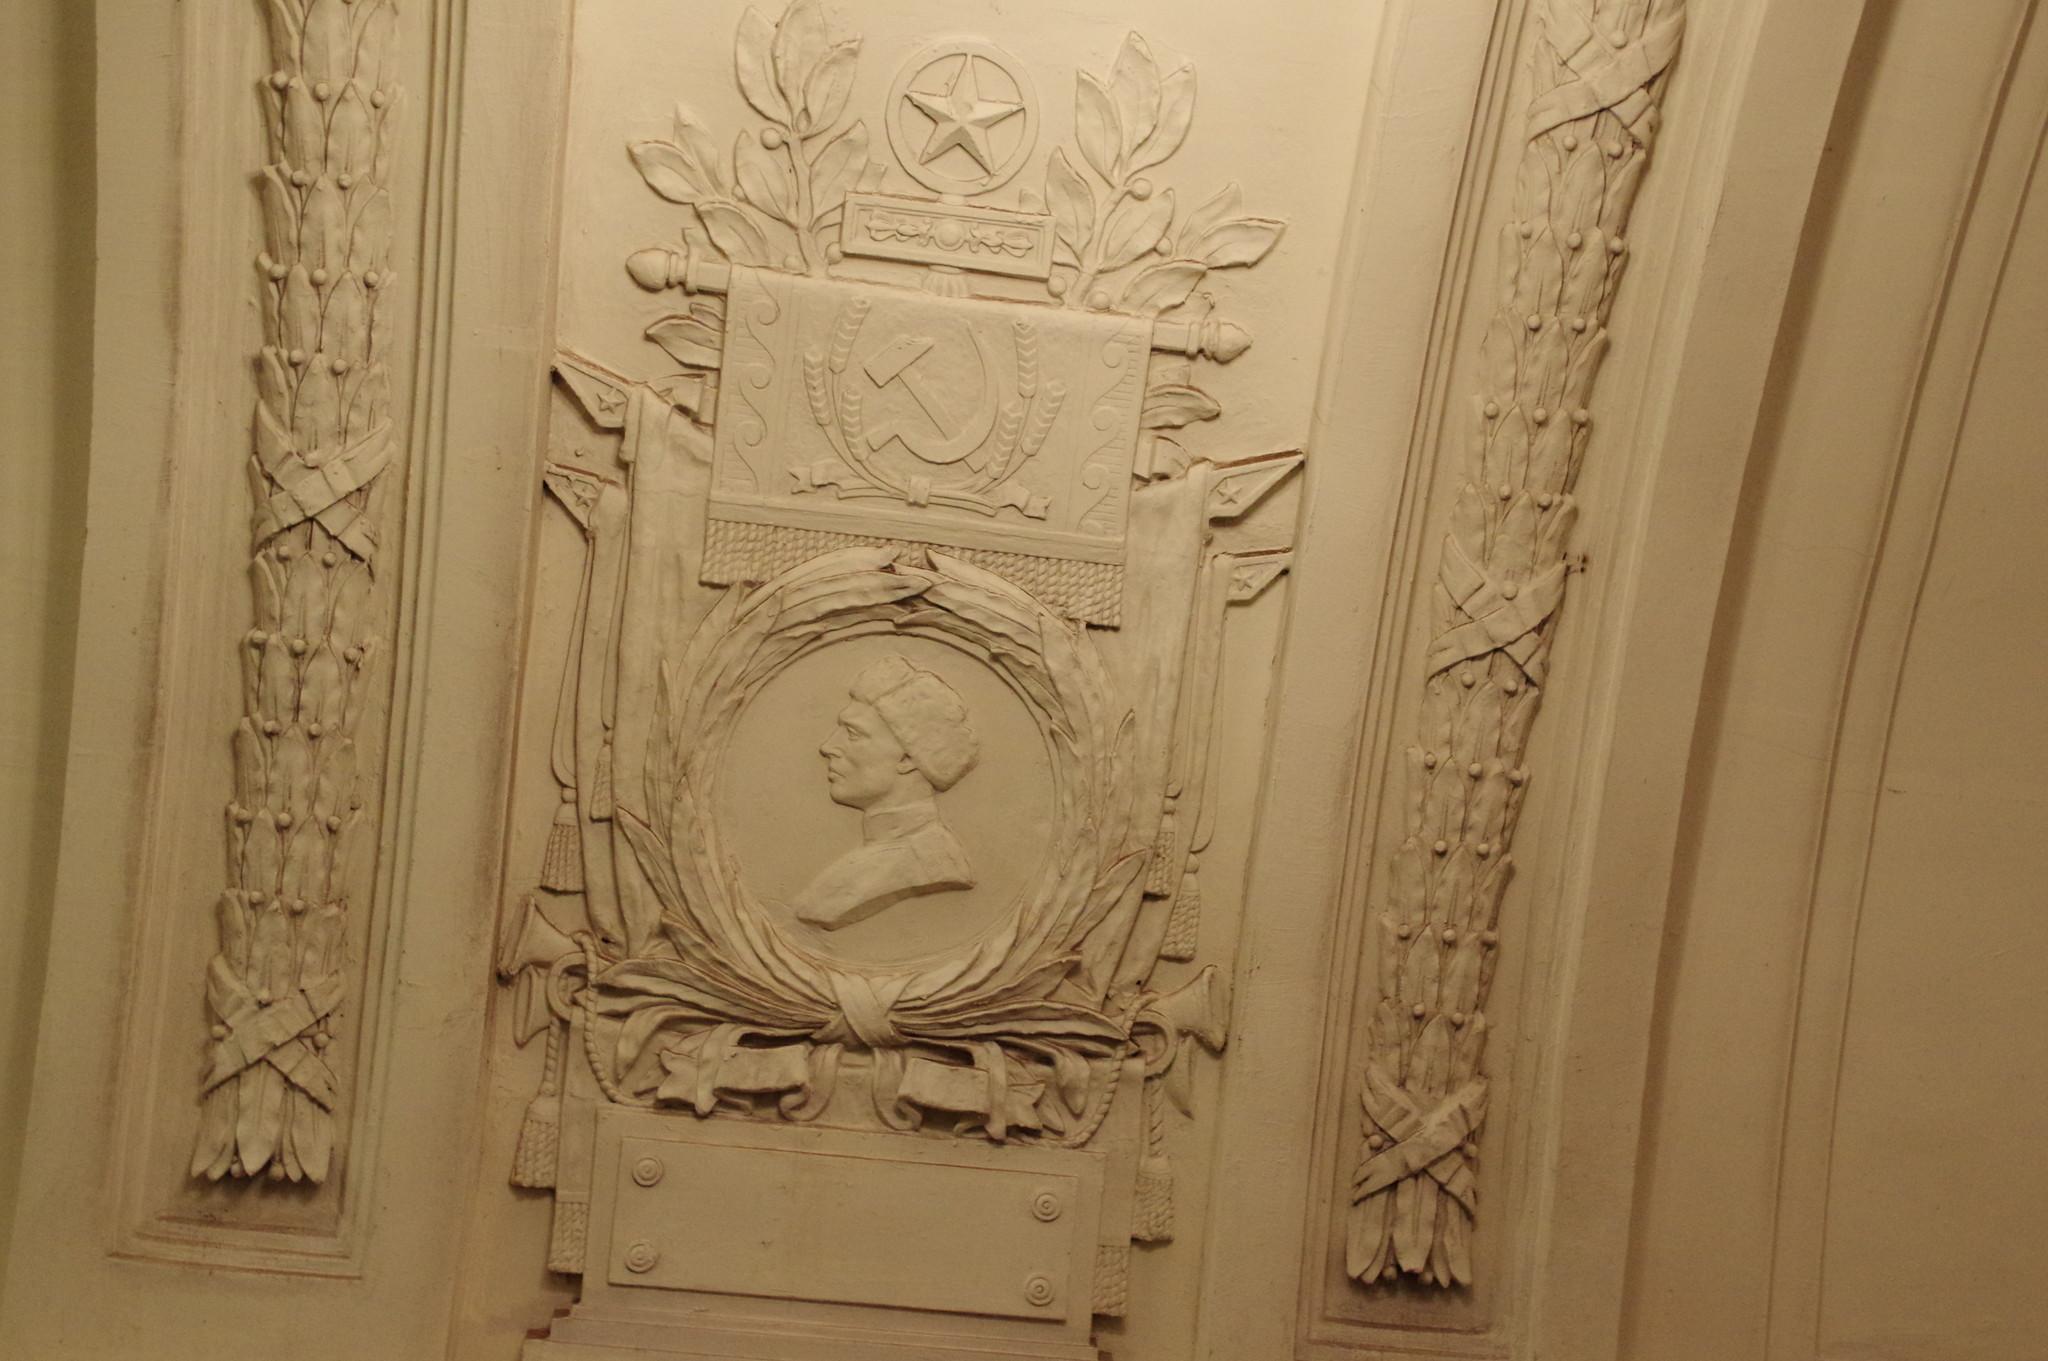 Медальон с изображением советского воина на пилоне станции «Октябрьская» Кольцевой линии Московского метрополитена